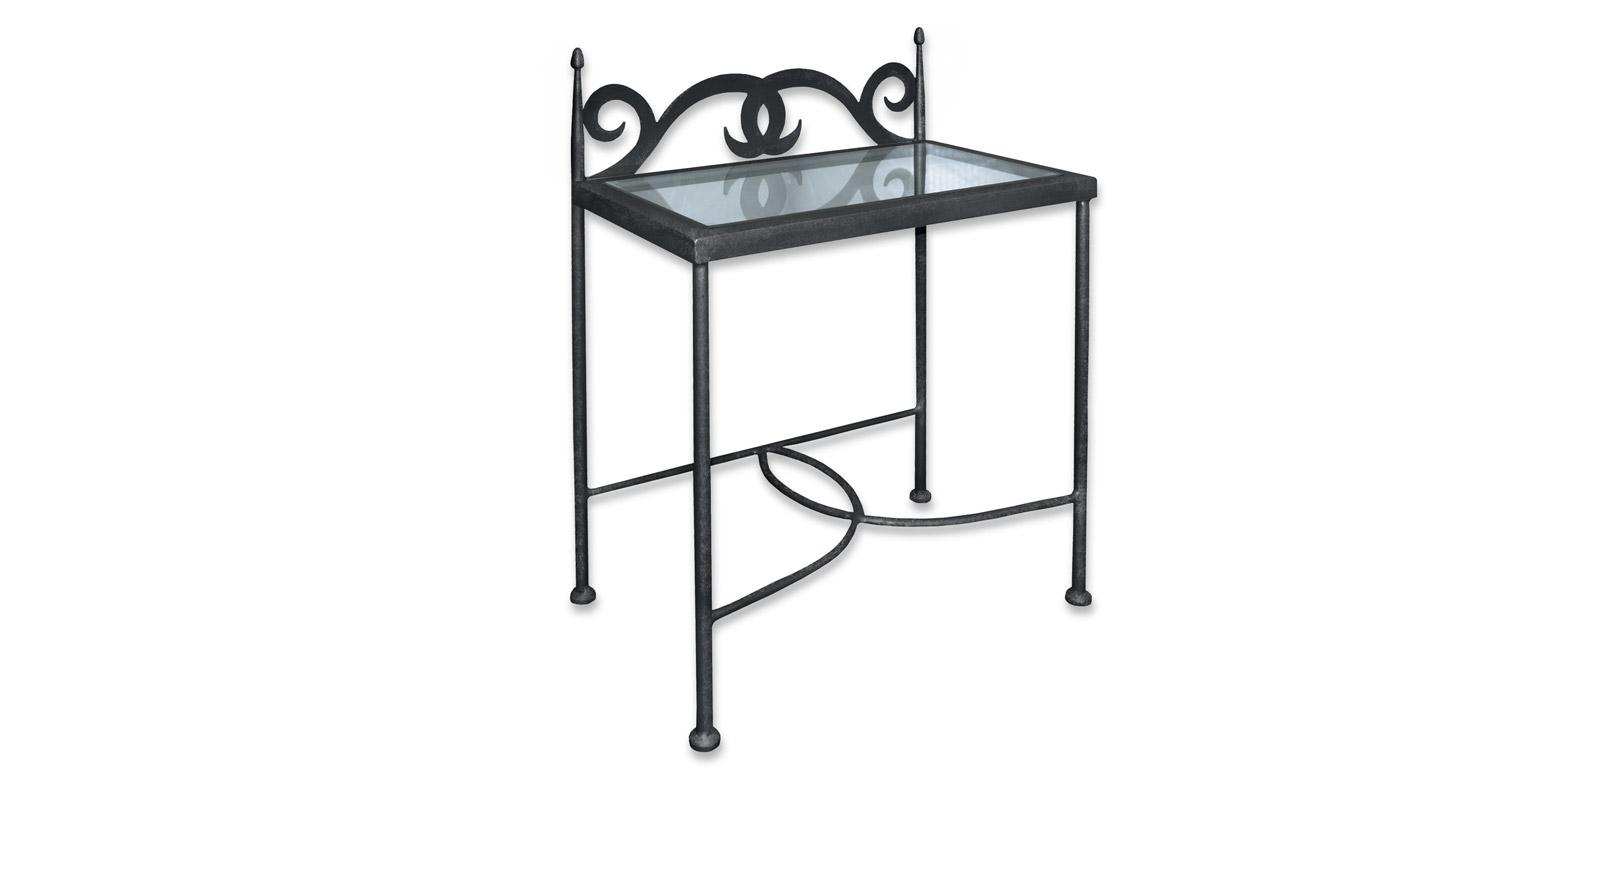 Nachttisch Temco aus Eisen im nostalgischen Design